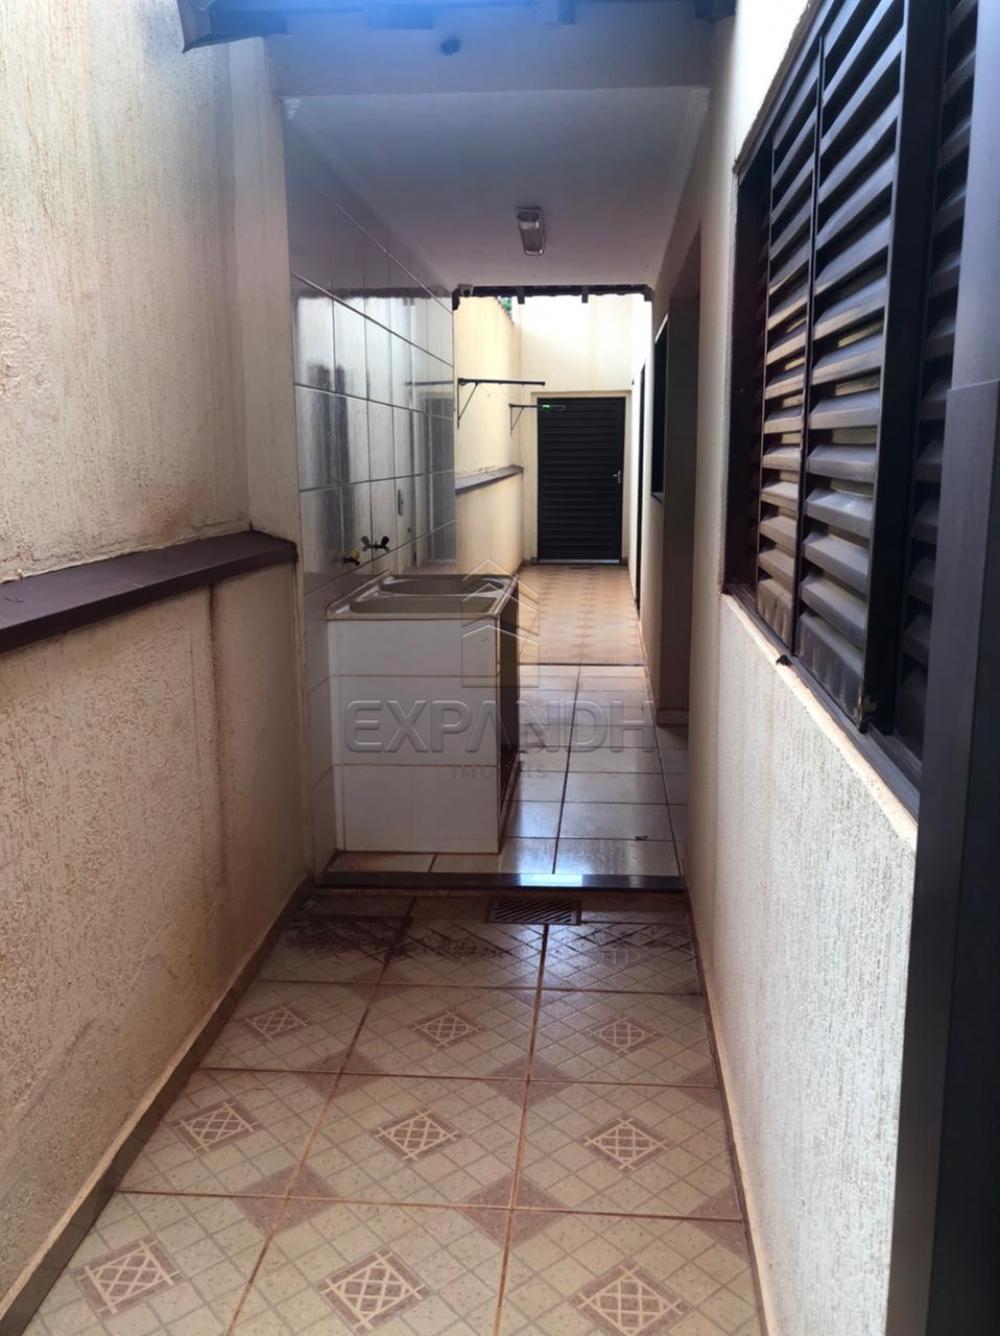 Alugar Casas / Padrão em Sertãozinho apenas R$ 1.500,00 - Foto 24